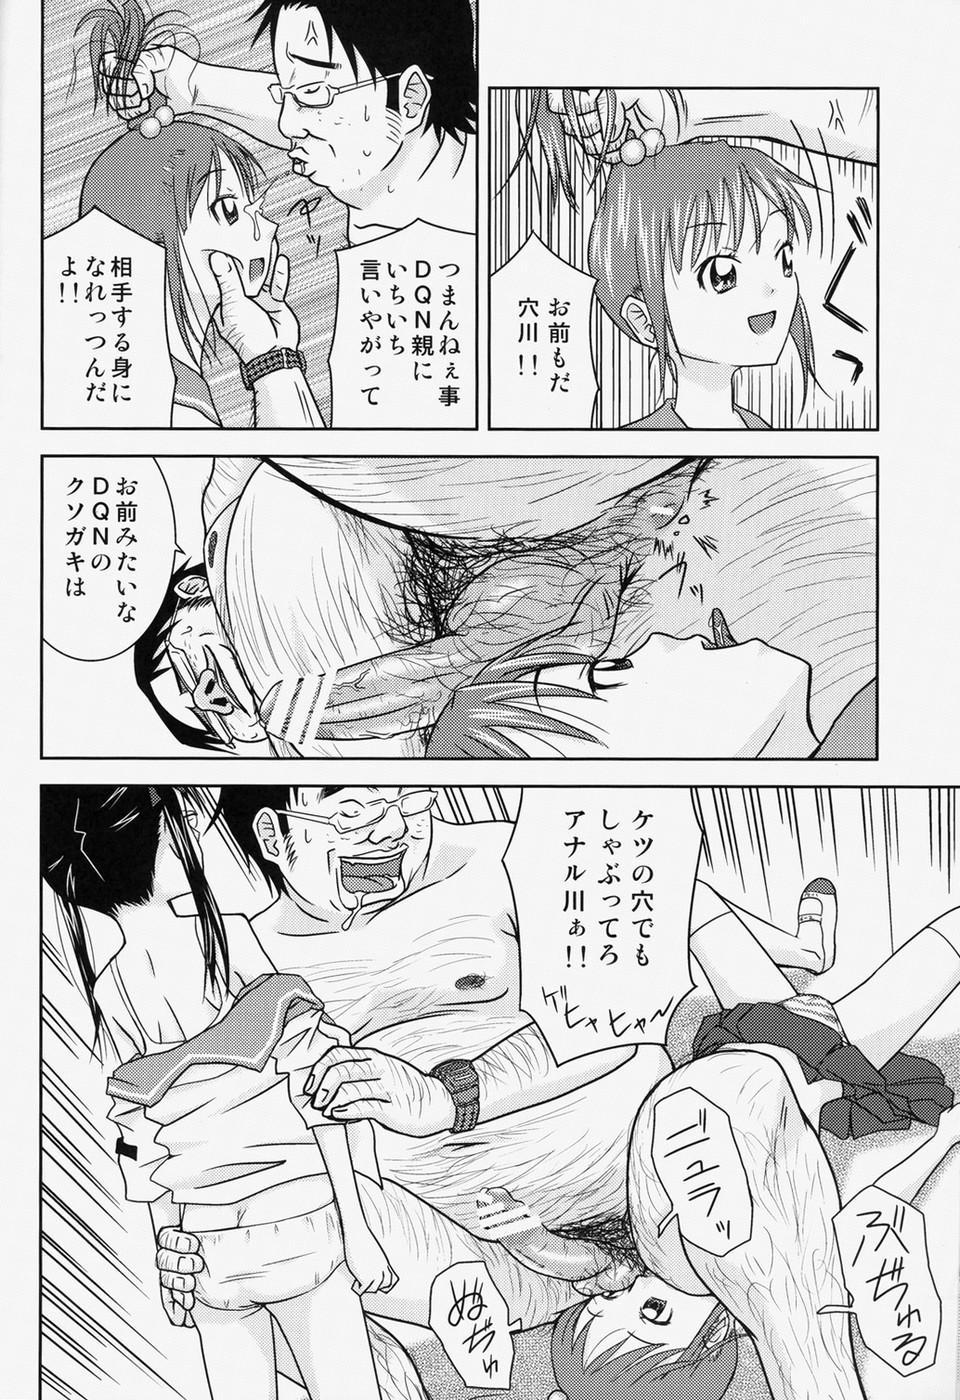 Moshimo Jikan ga Tomattara!? 2 Byou 8